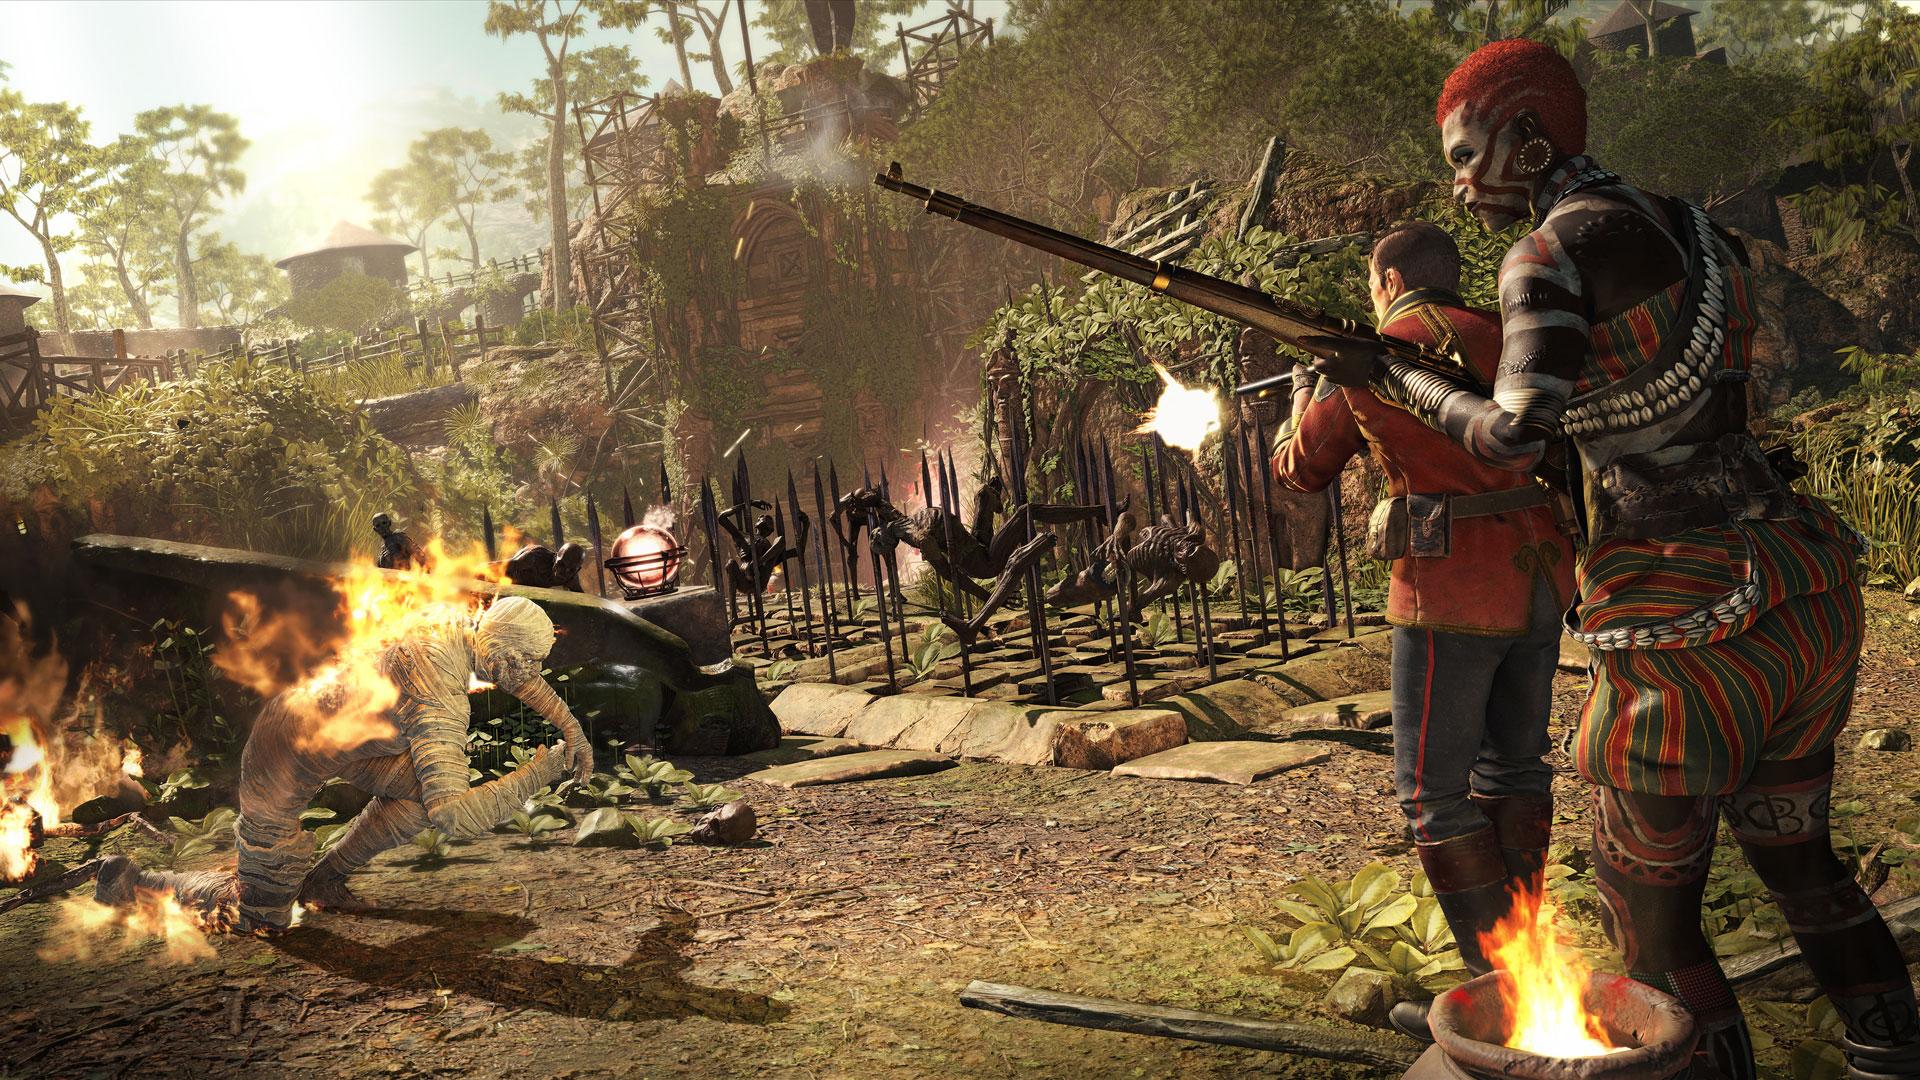 Bei hohem Gegner-Aufkommen und im Mehrspieler-Modus wollen die über das Spiel-Terrain verteilten Fallen besonders kreativ eingesetzt werden.